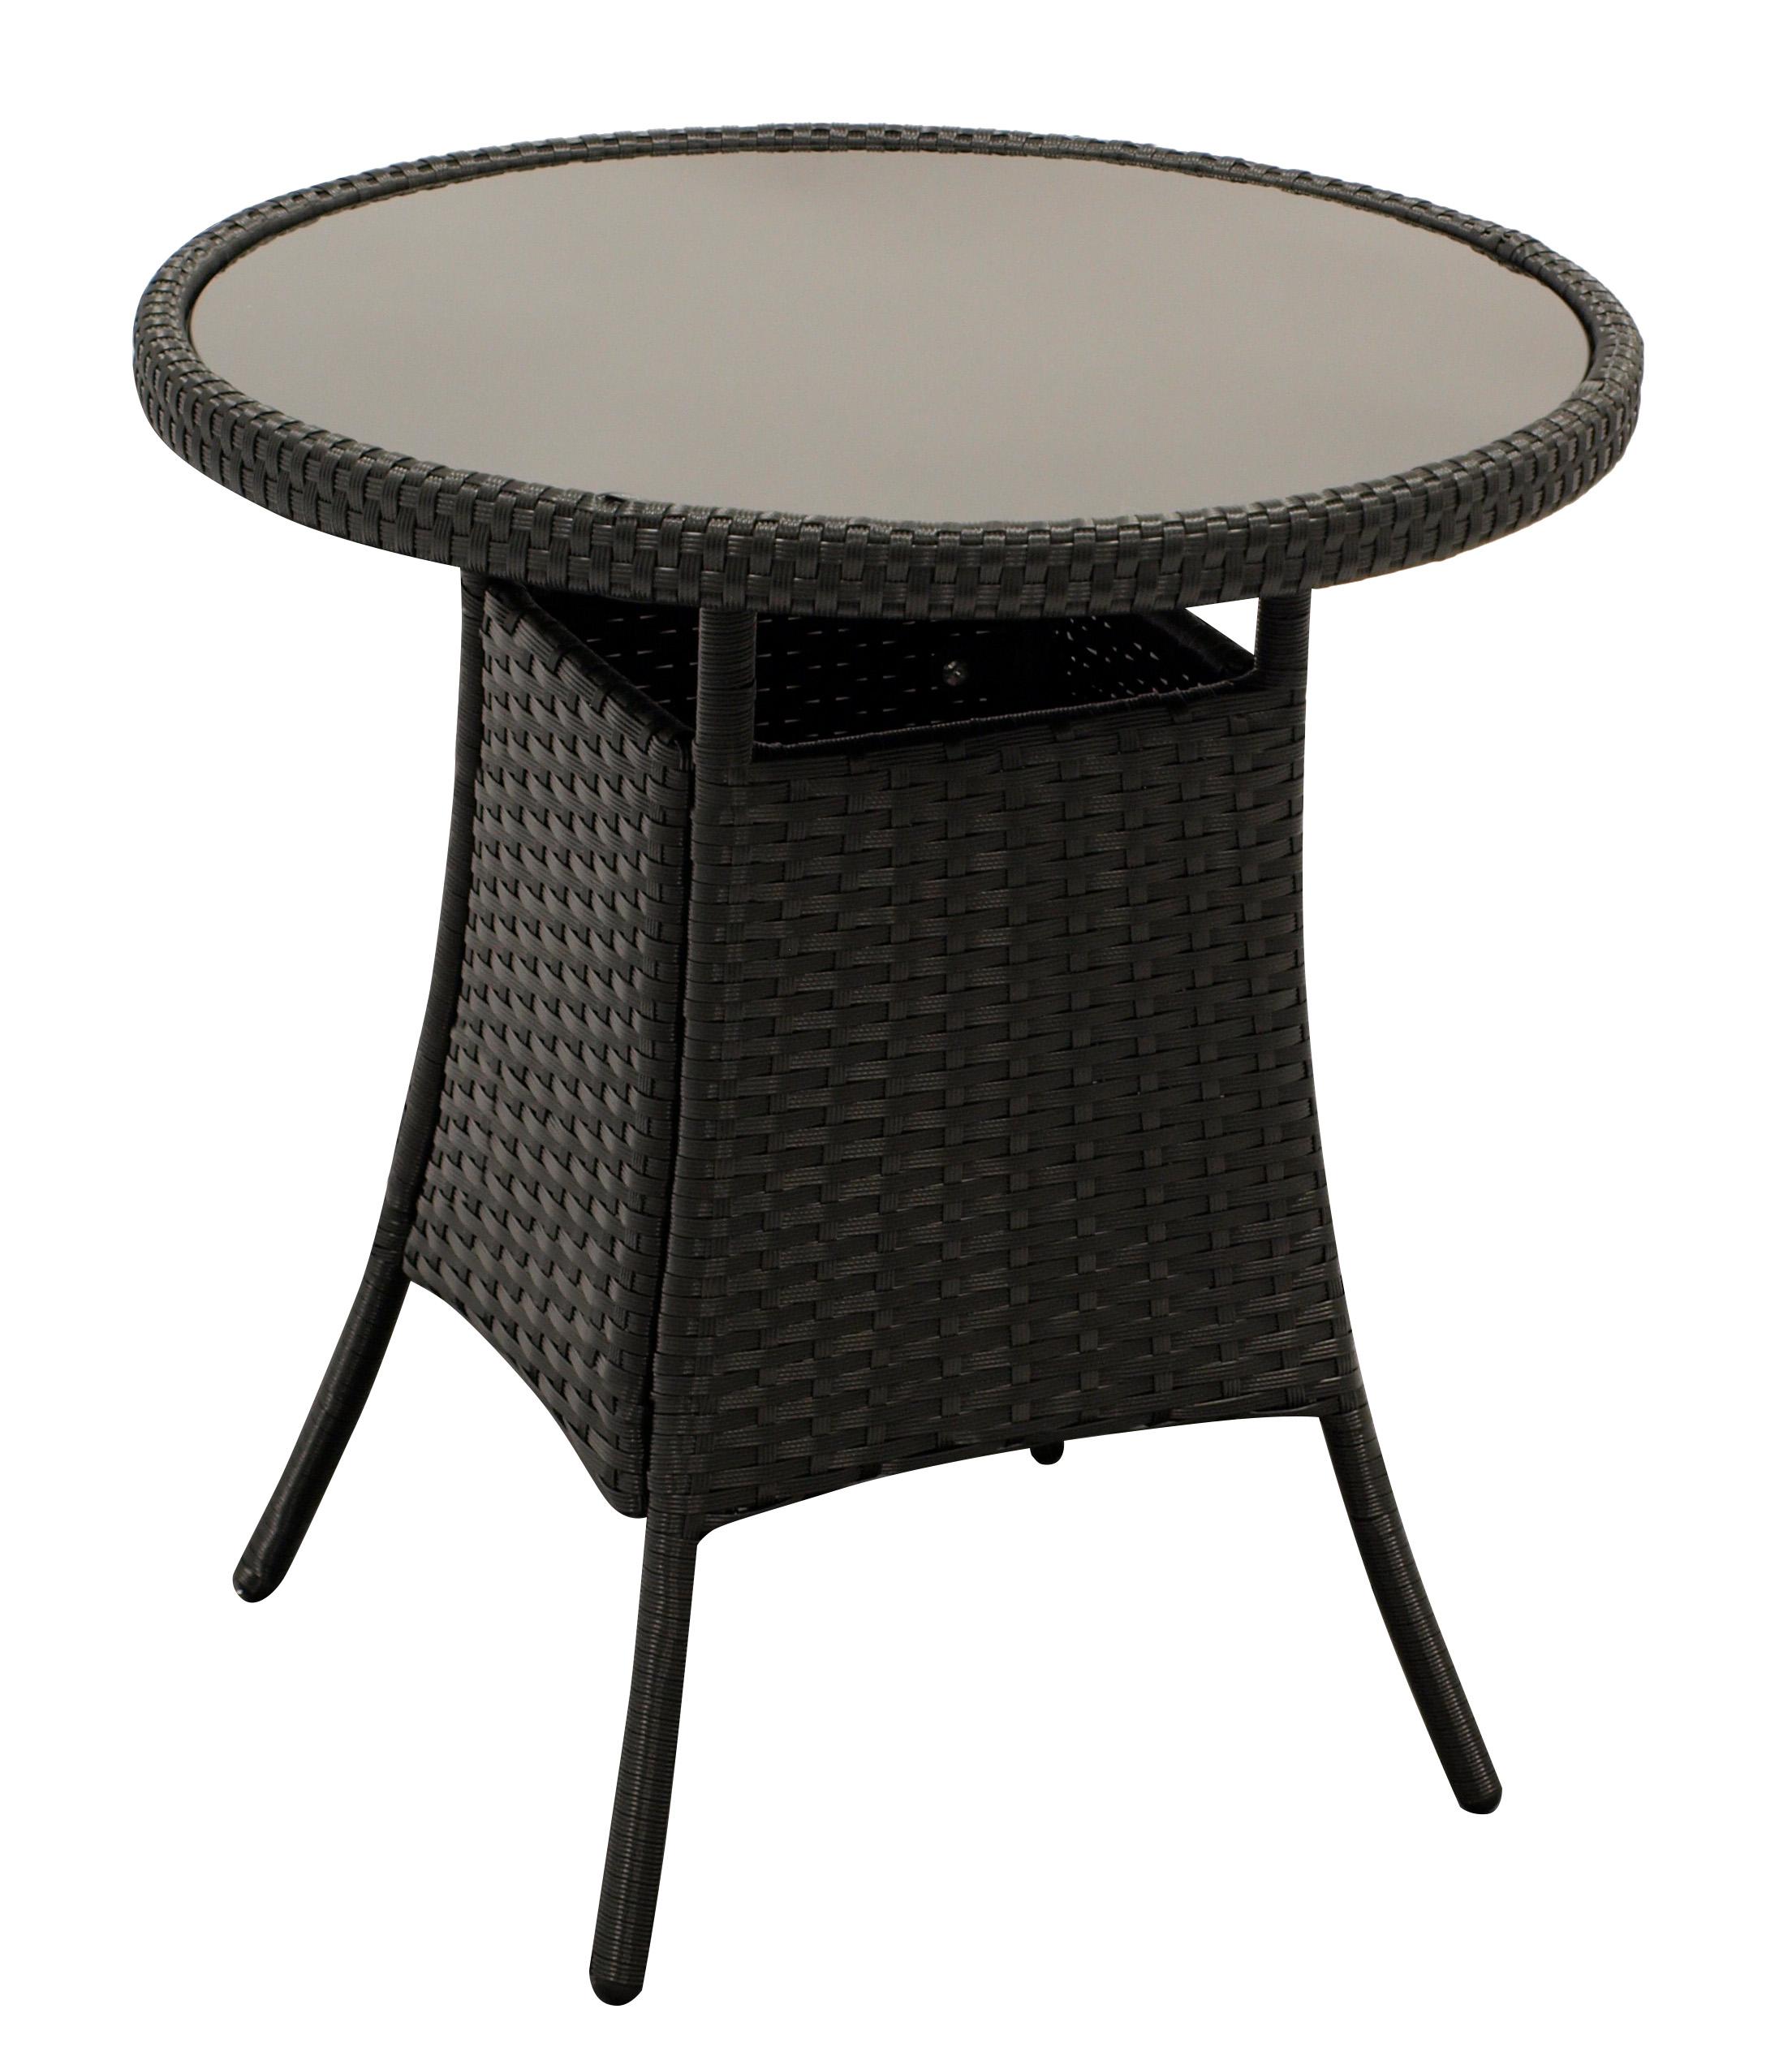 Beistelltisch VARESE 60cm rund, Geflecht schwarz, Platte Glas